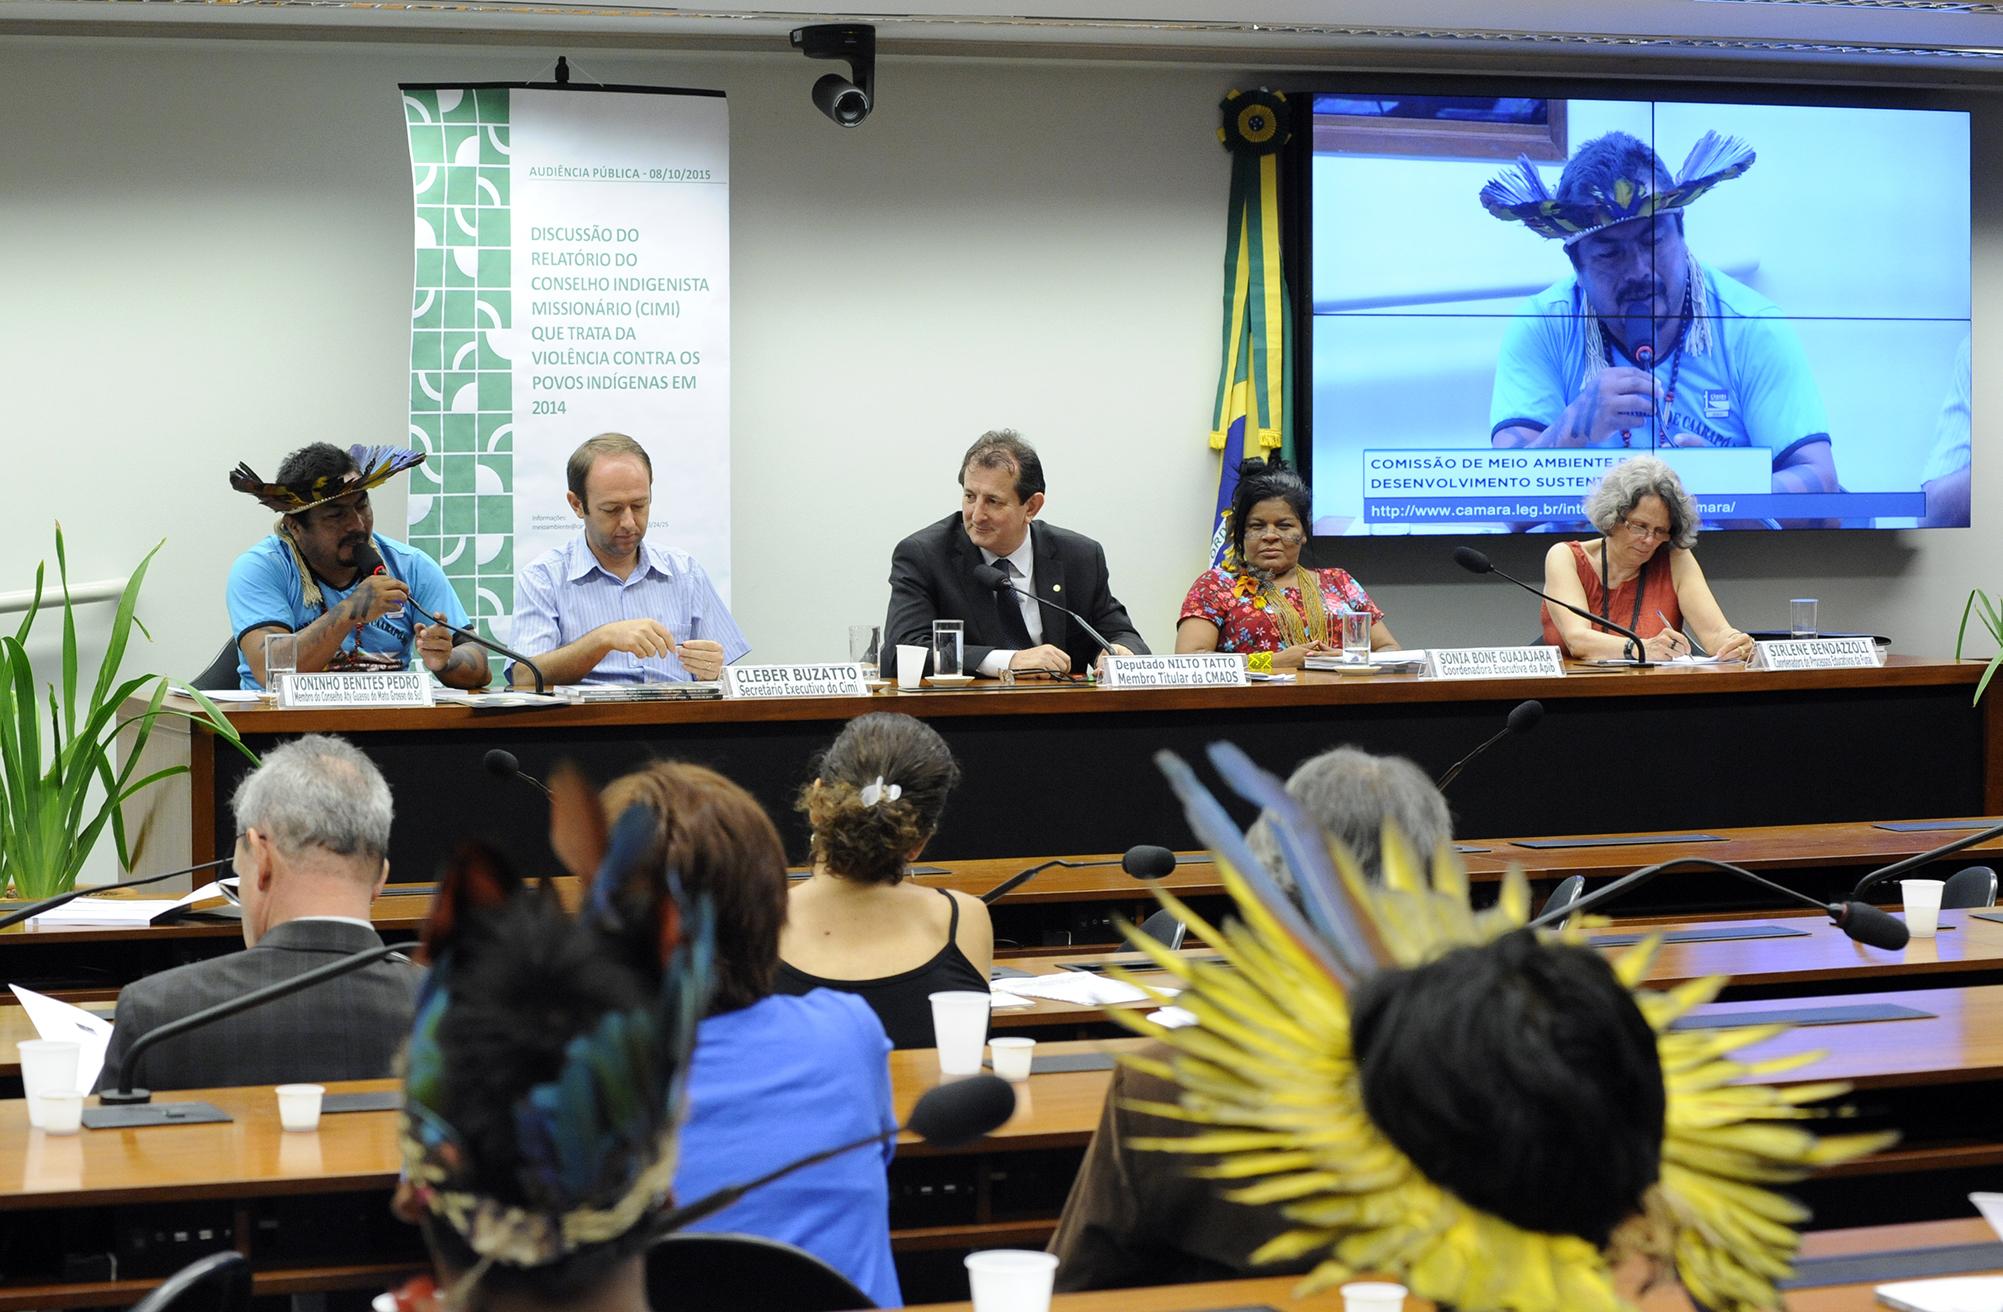 Audiência pública para discussão do relatório do Conselho Indigenista Missionário (CIMI) que trata da violência contra os povos indígenas em 2014